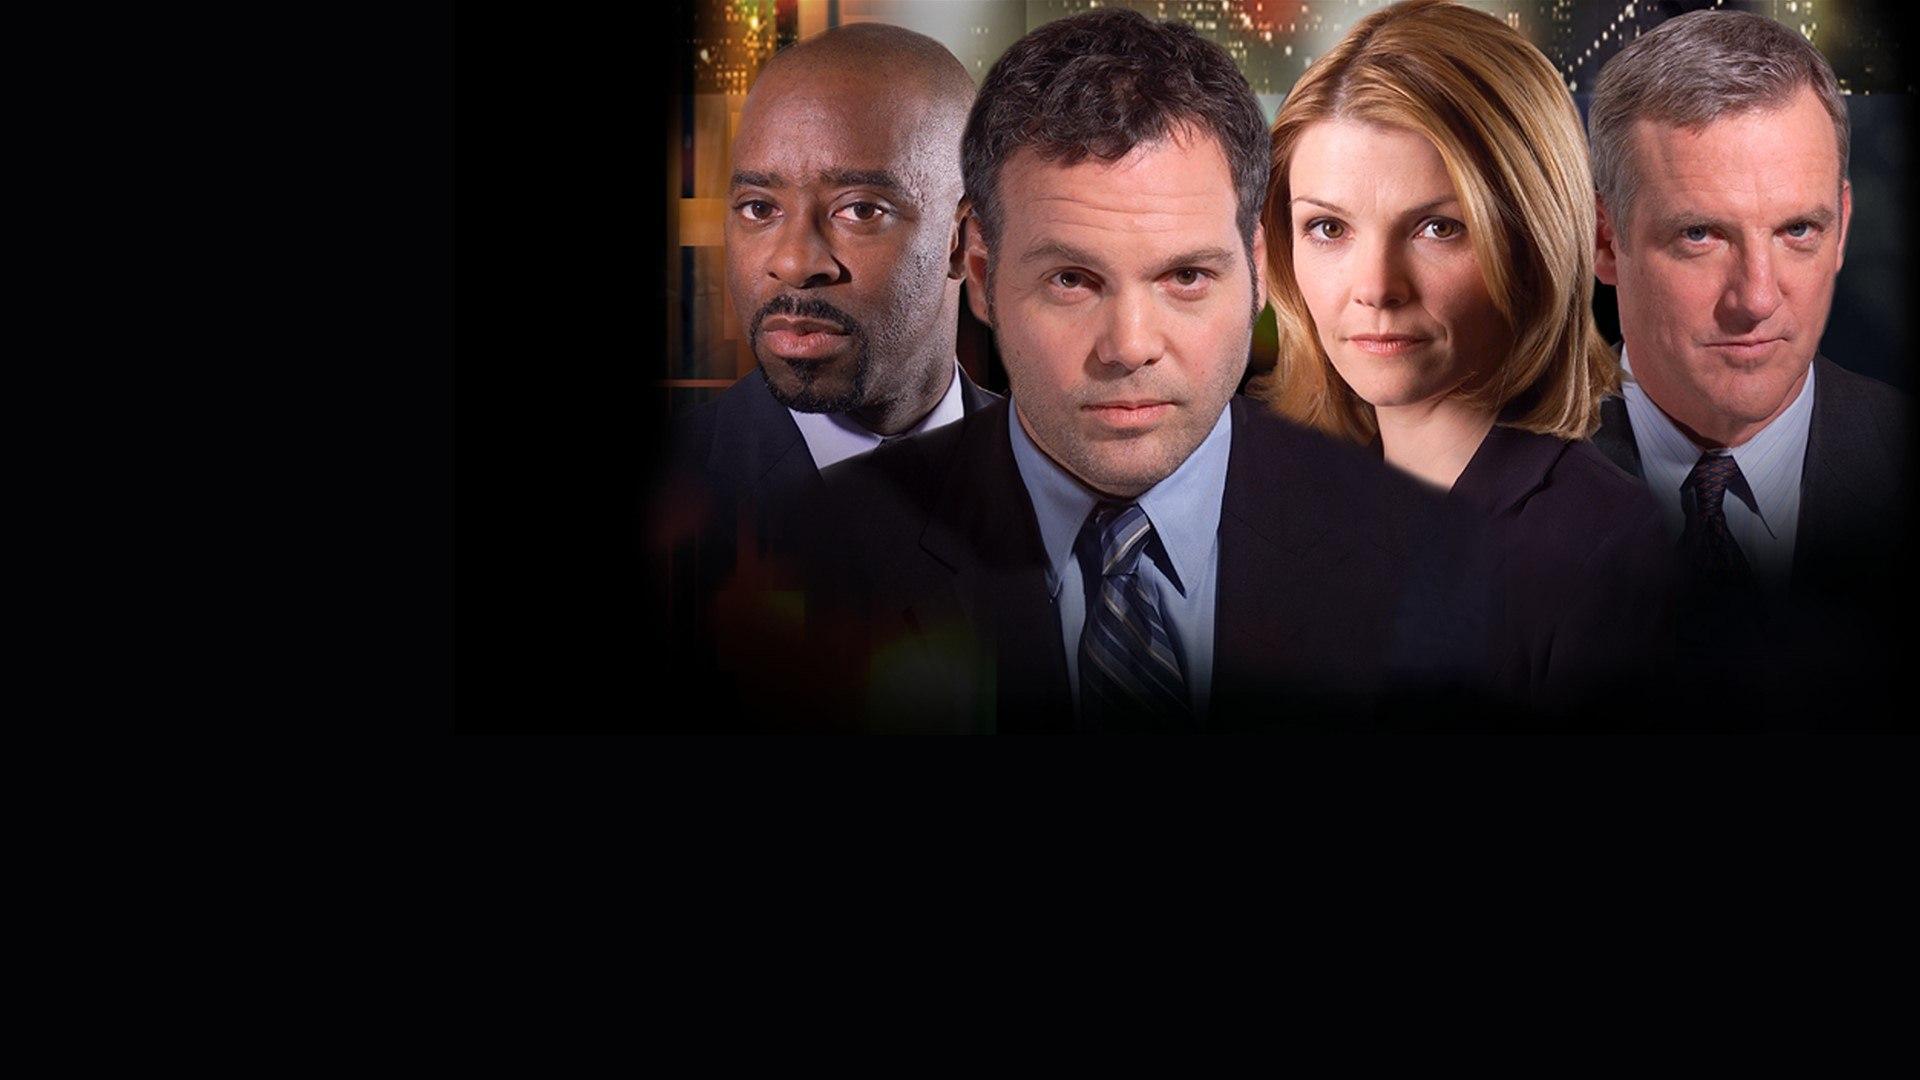 Spike Law & Order: Criminal Intent